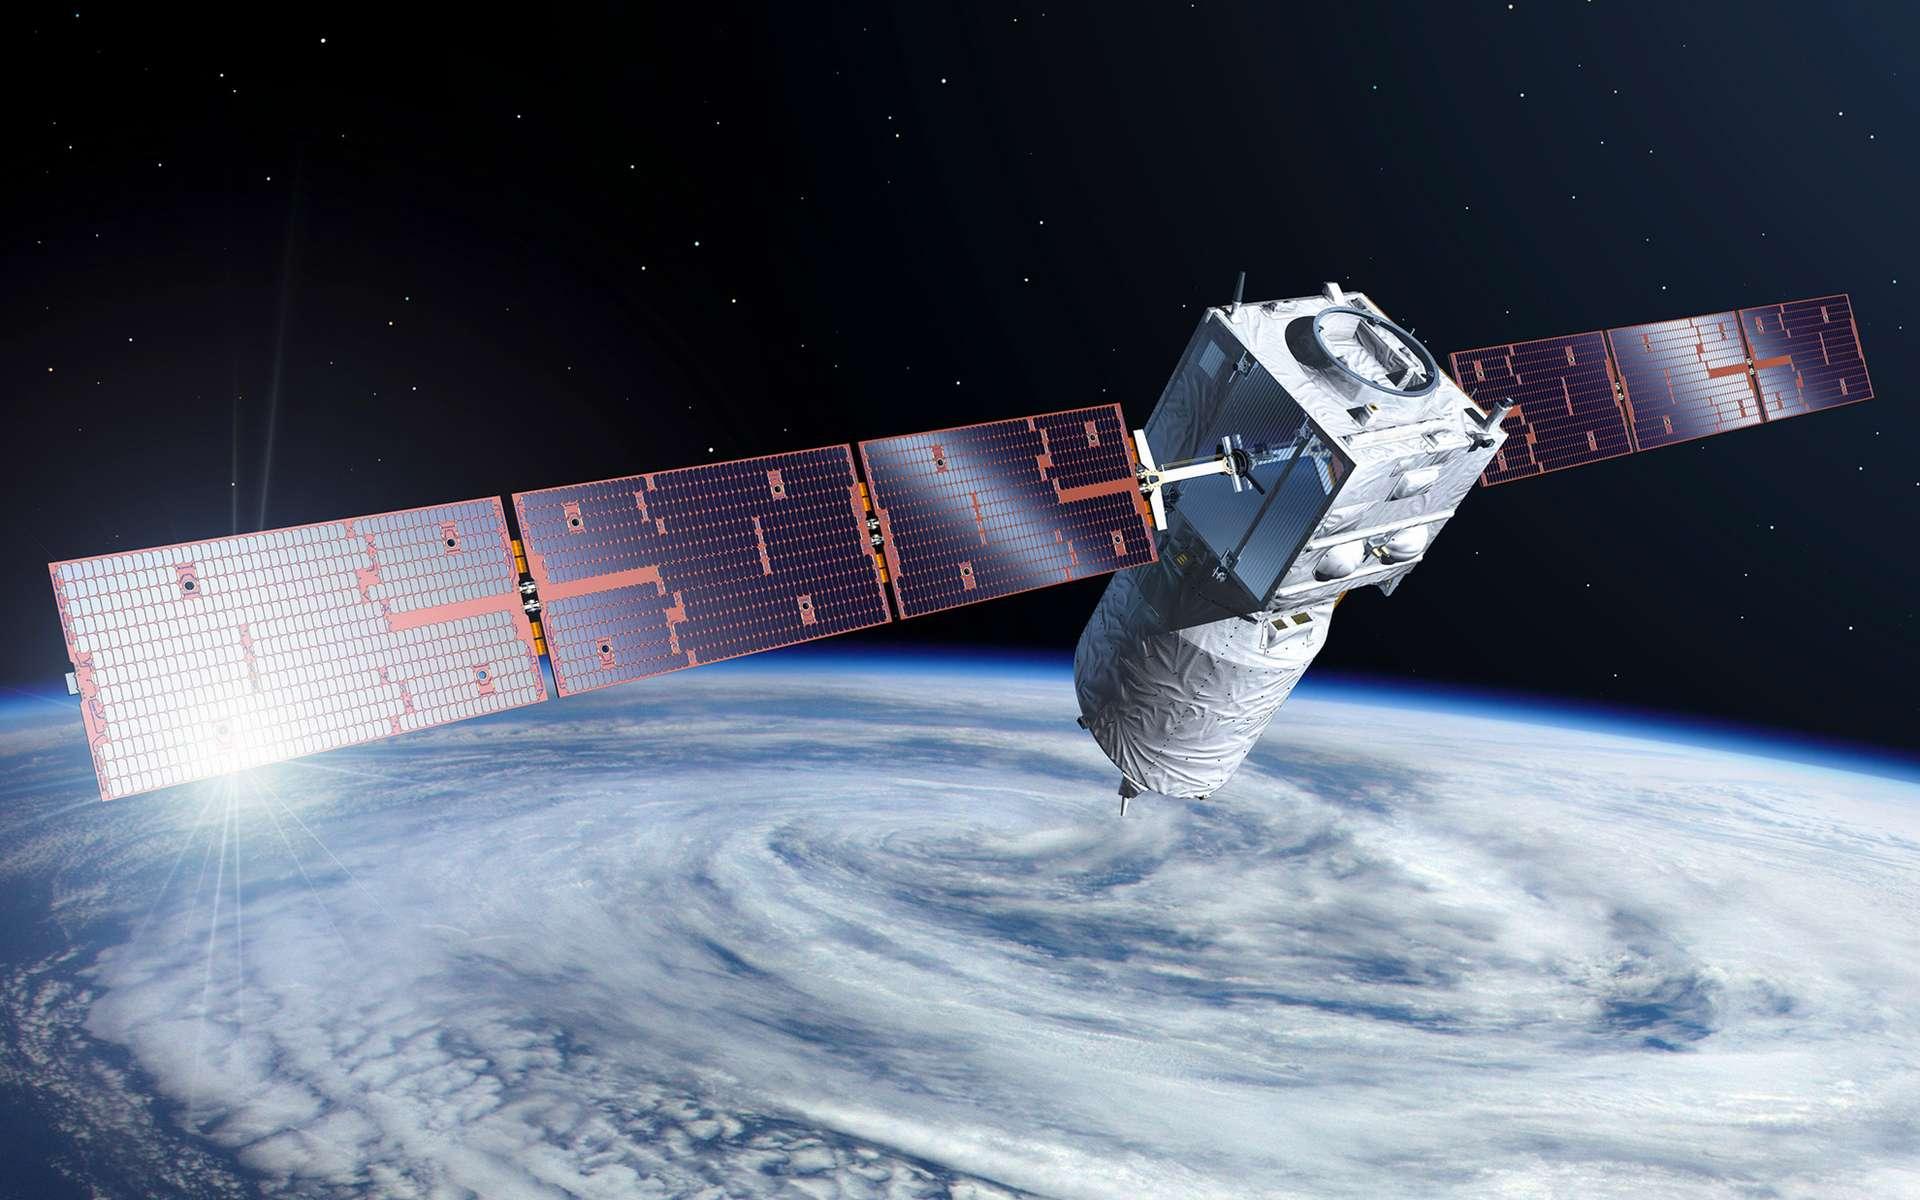 Construit par Airbus pour le compte de l'ESA, Aeolus est satellite inédit conçu pour mesurer les vents sur l'ensemble du Globe. © ESA, P. Carril